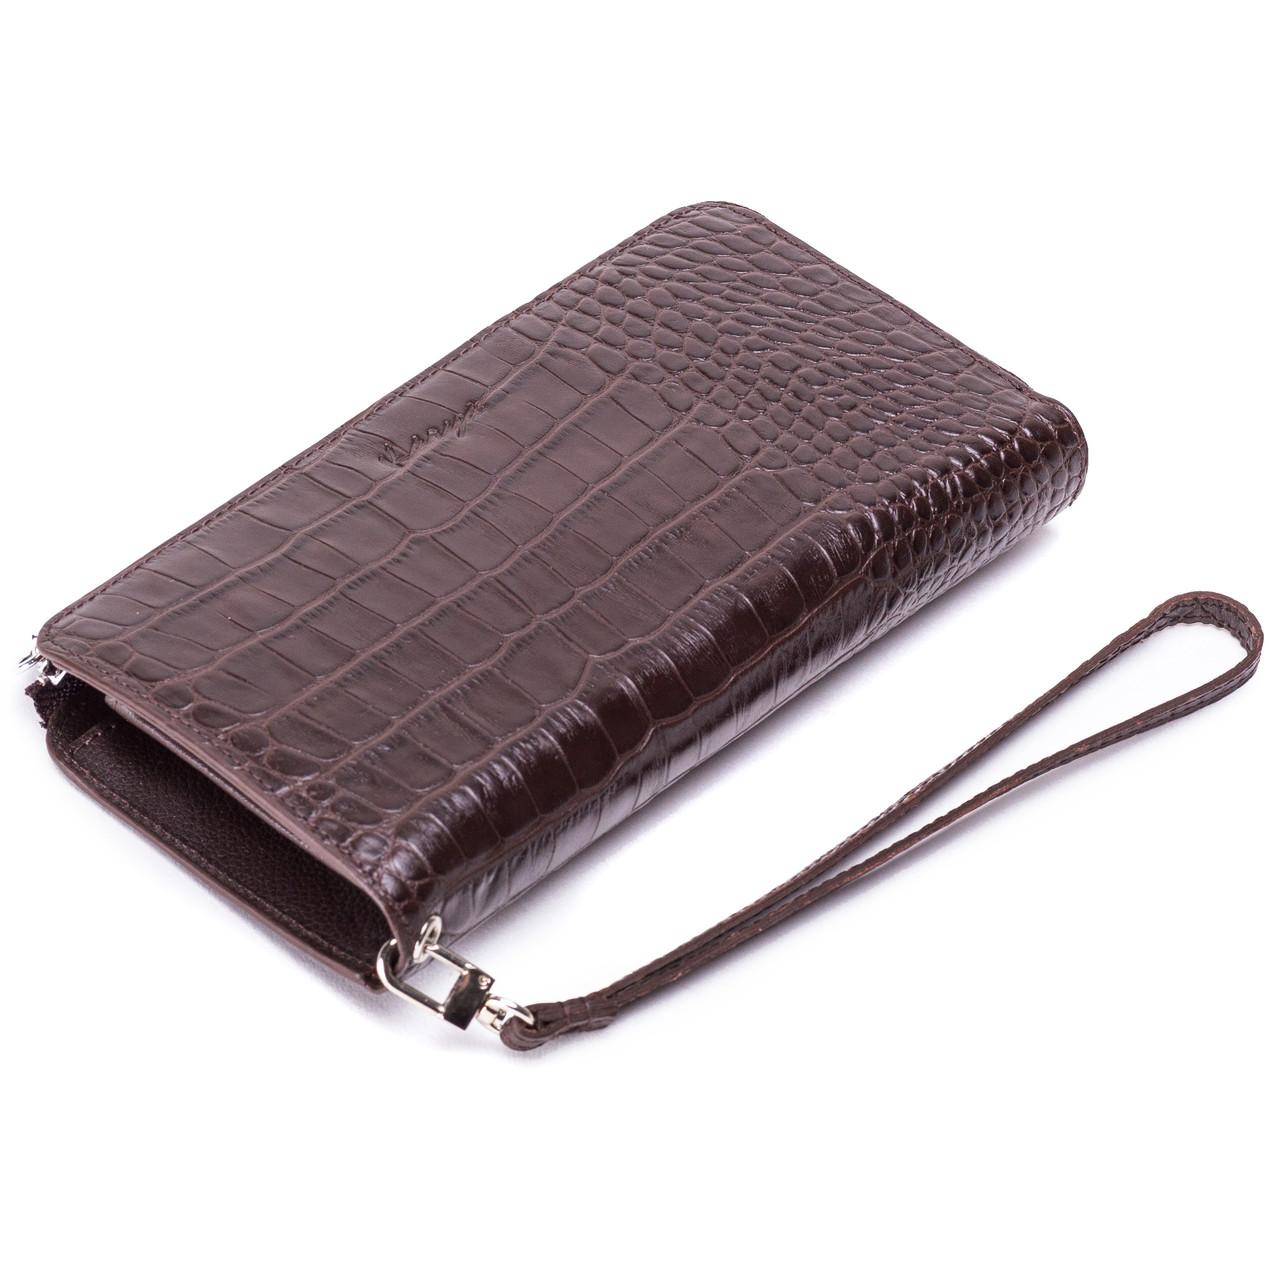 Мужской клатч кожаный коричневый Karya 0709-57